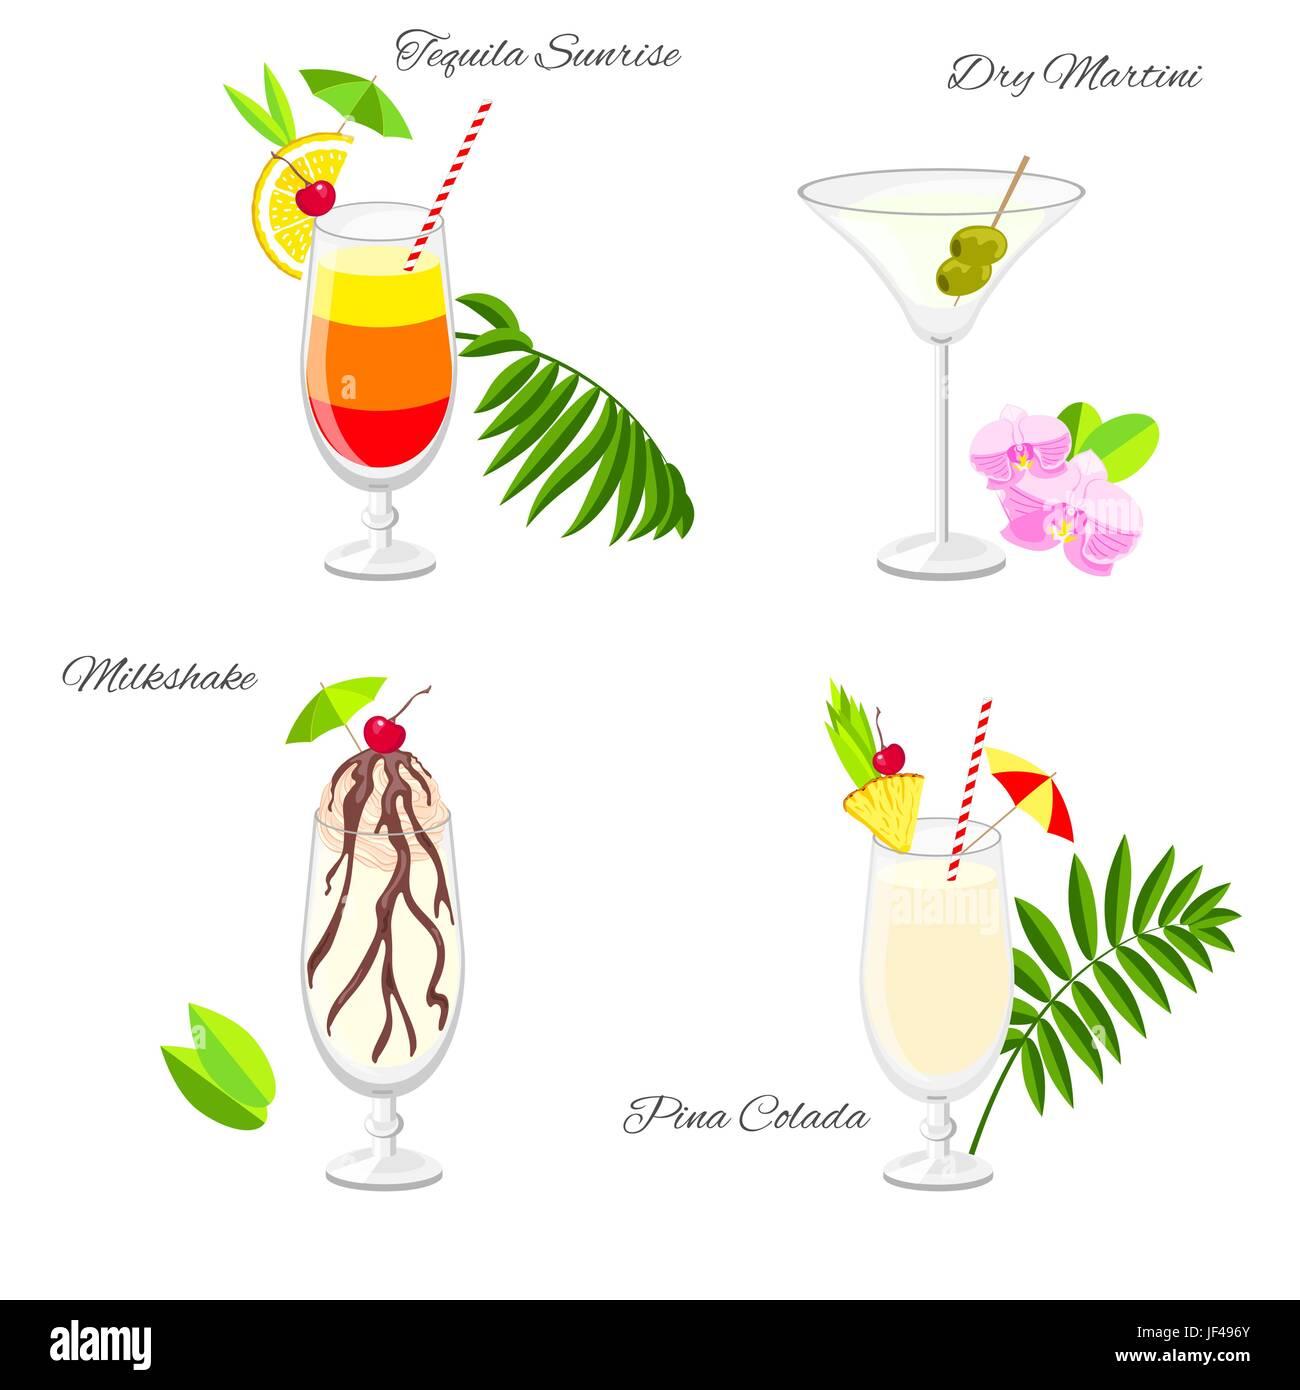 Endearing Beliebte Cocktails Ideas Of Reihe Von Beliebten Strand Party Vektor Cartoon-stil.